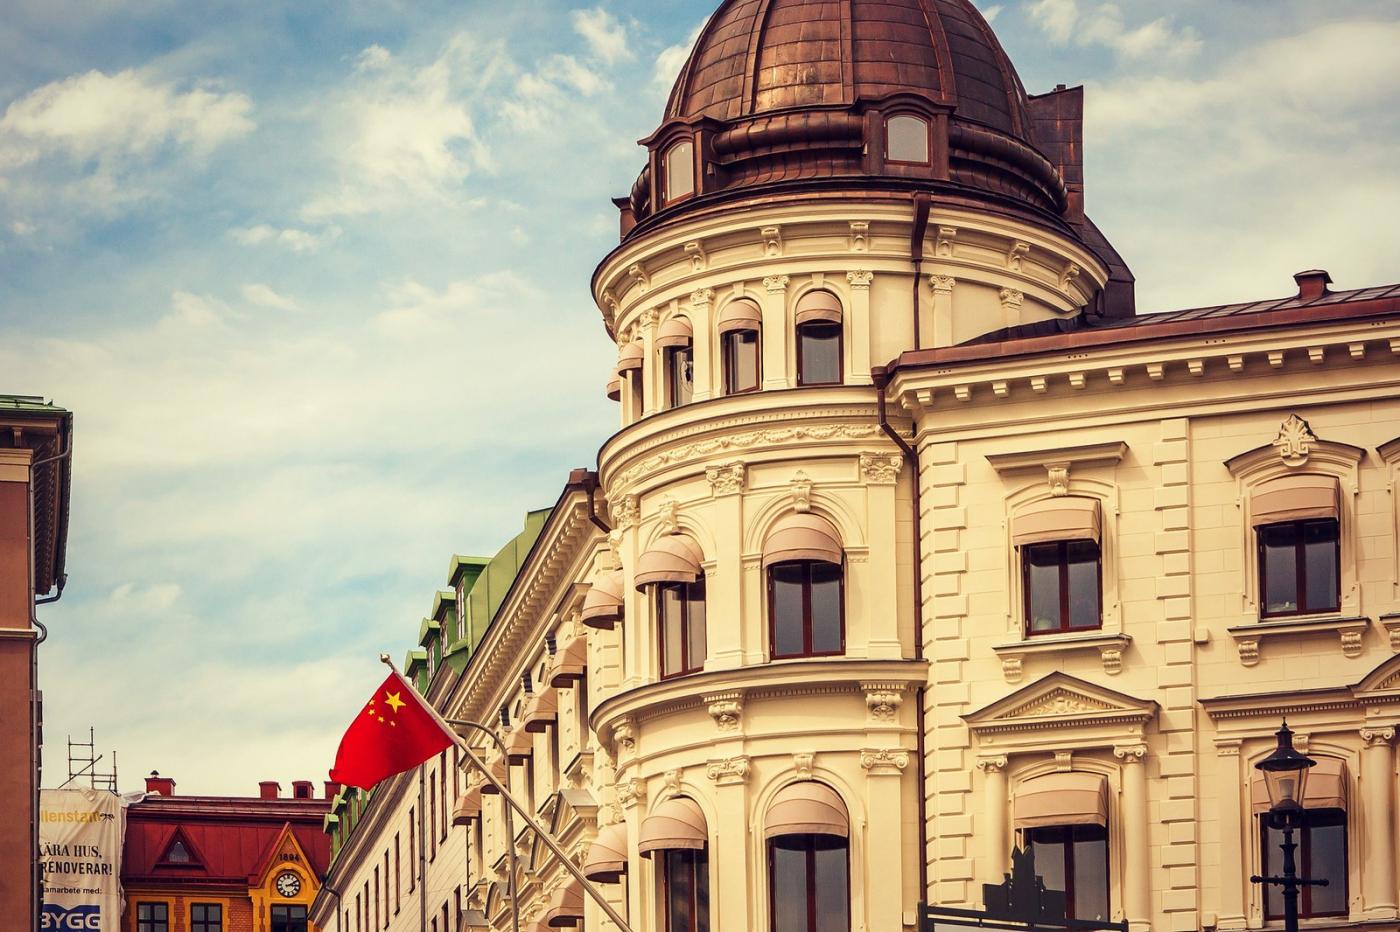 瑞典哥德堡,這幢大廈很特殊_圖1-6